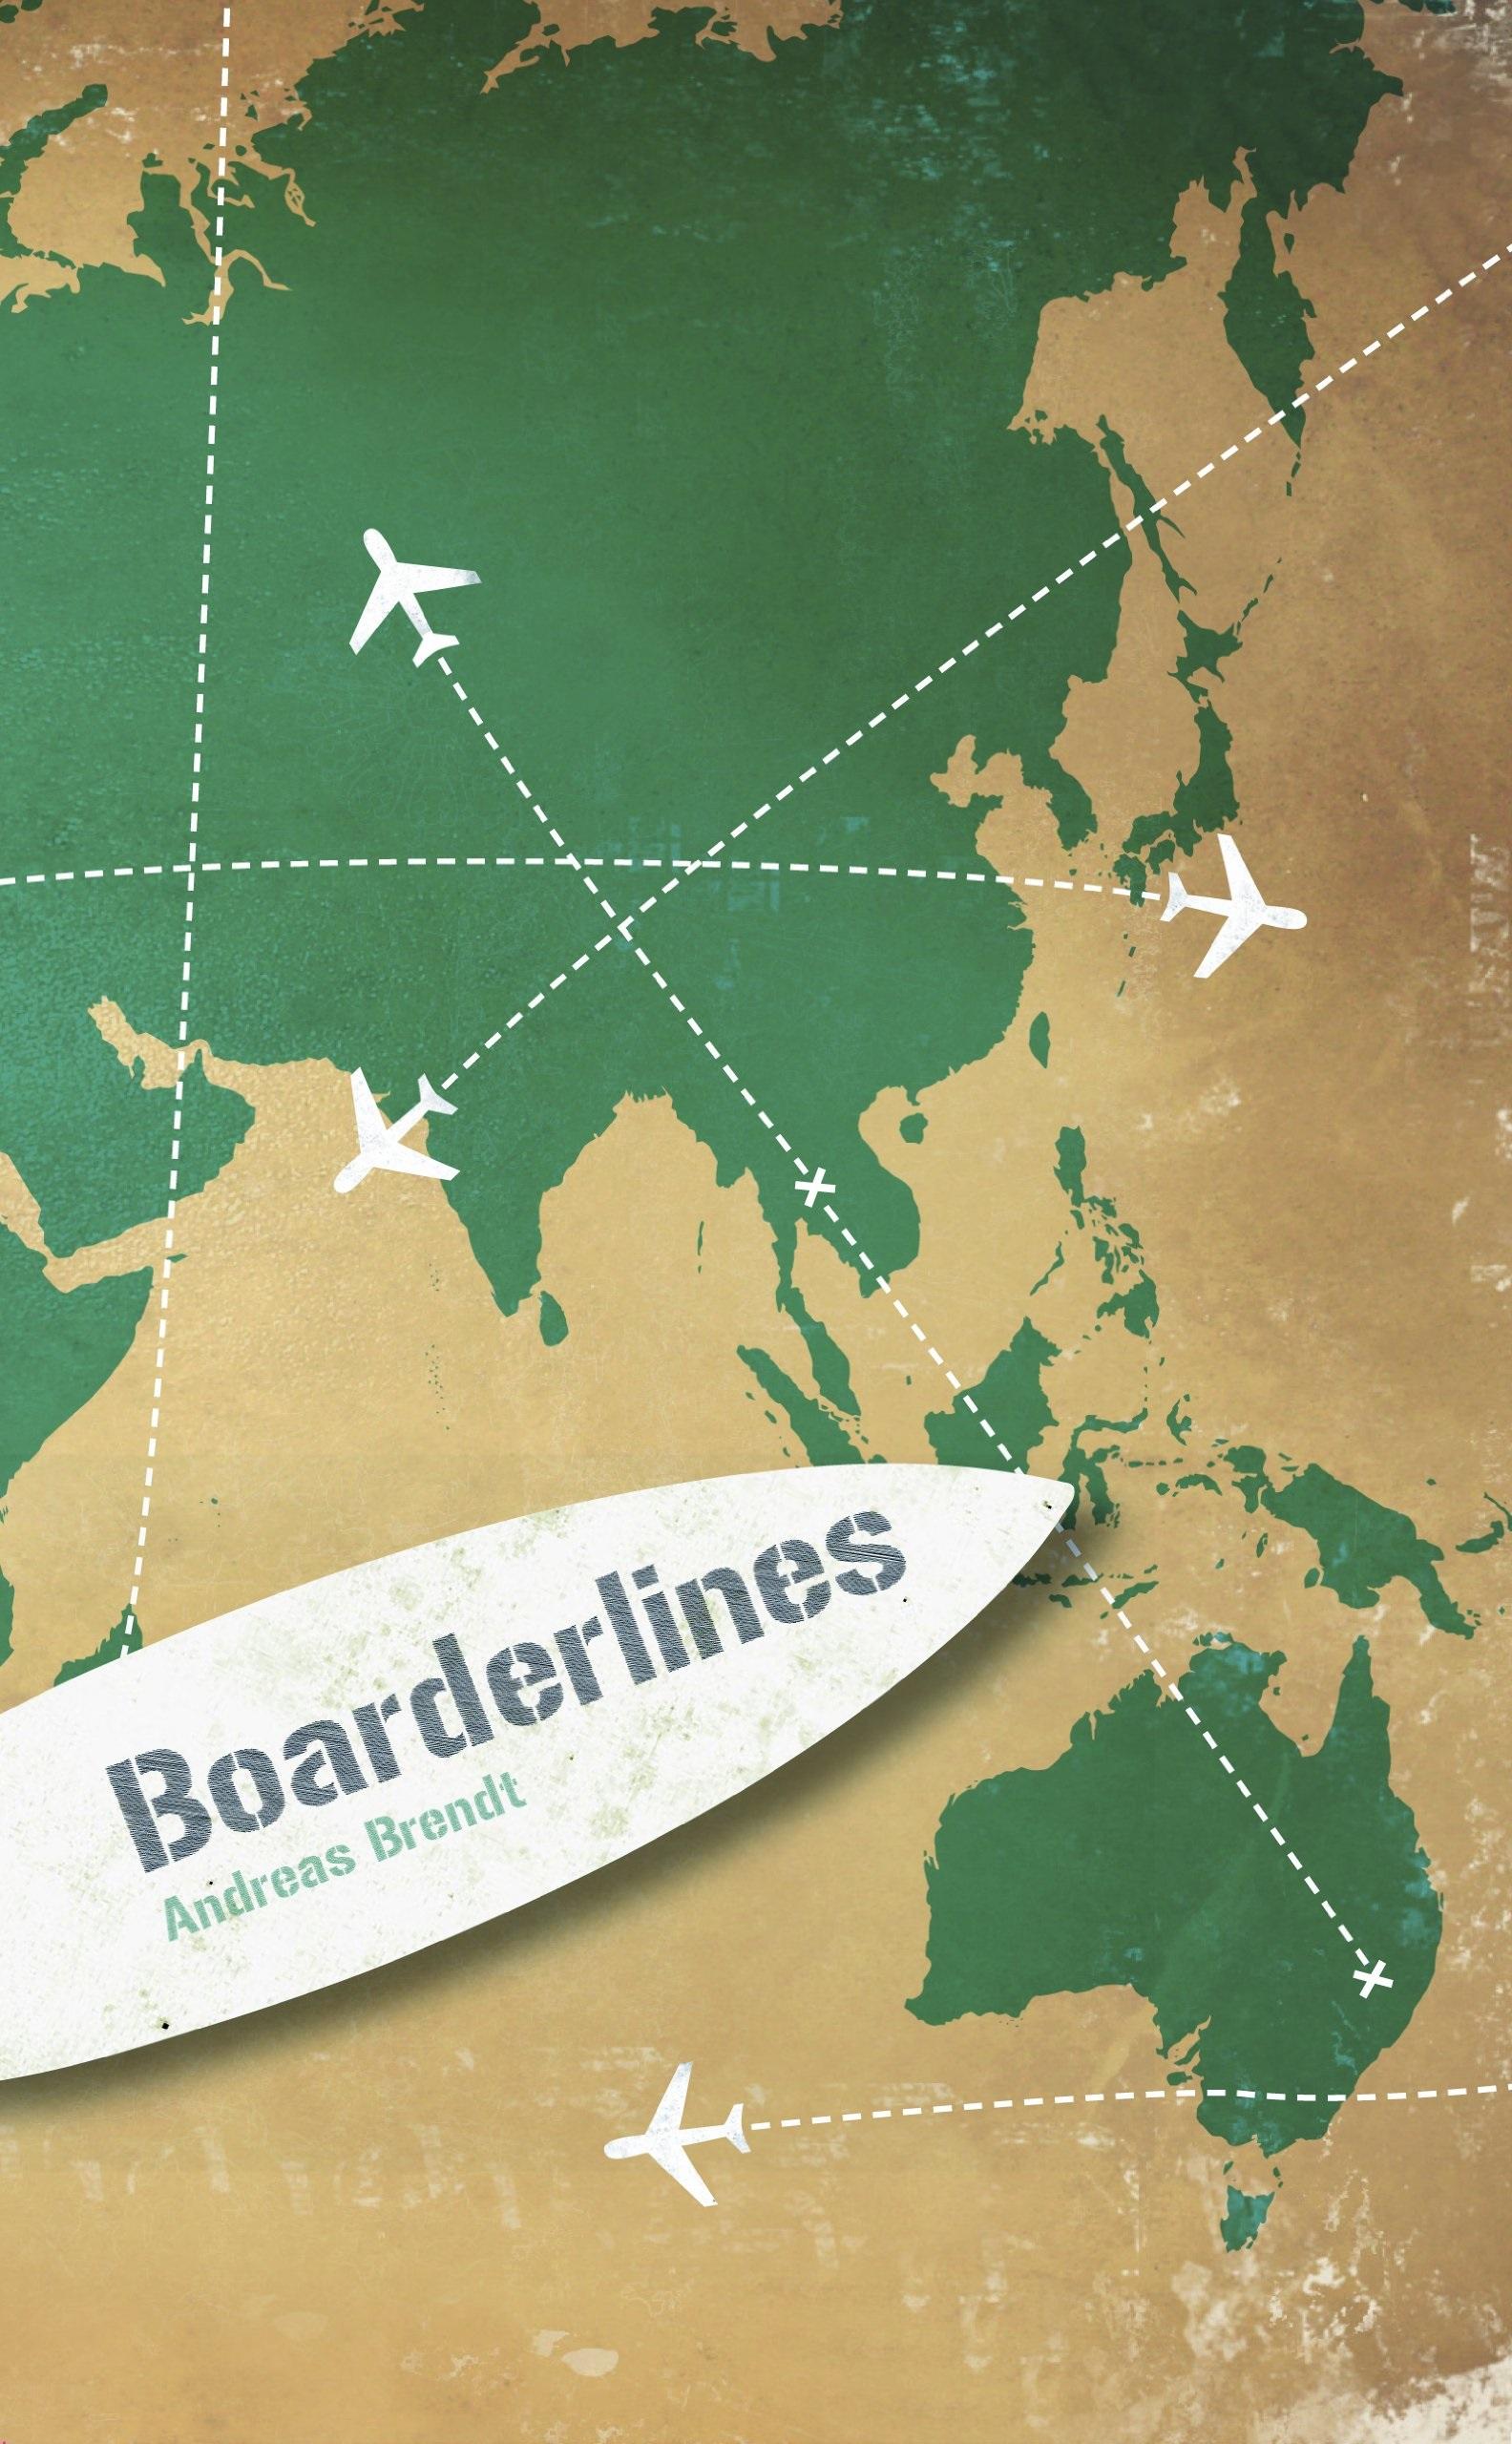 Andreas Brendt | Lesung: Boarderlines